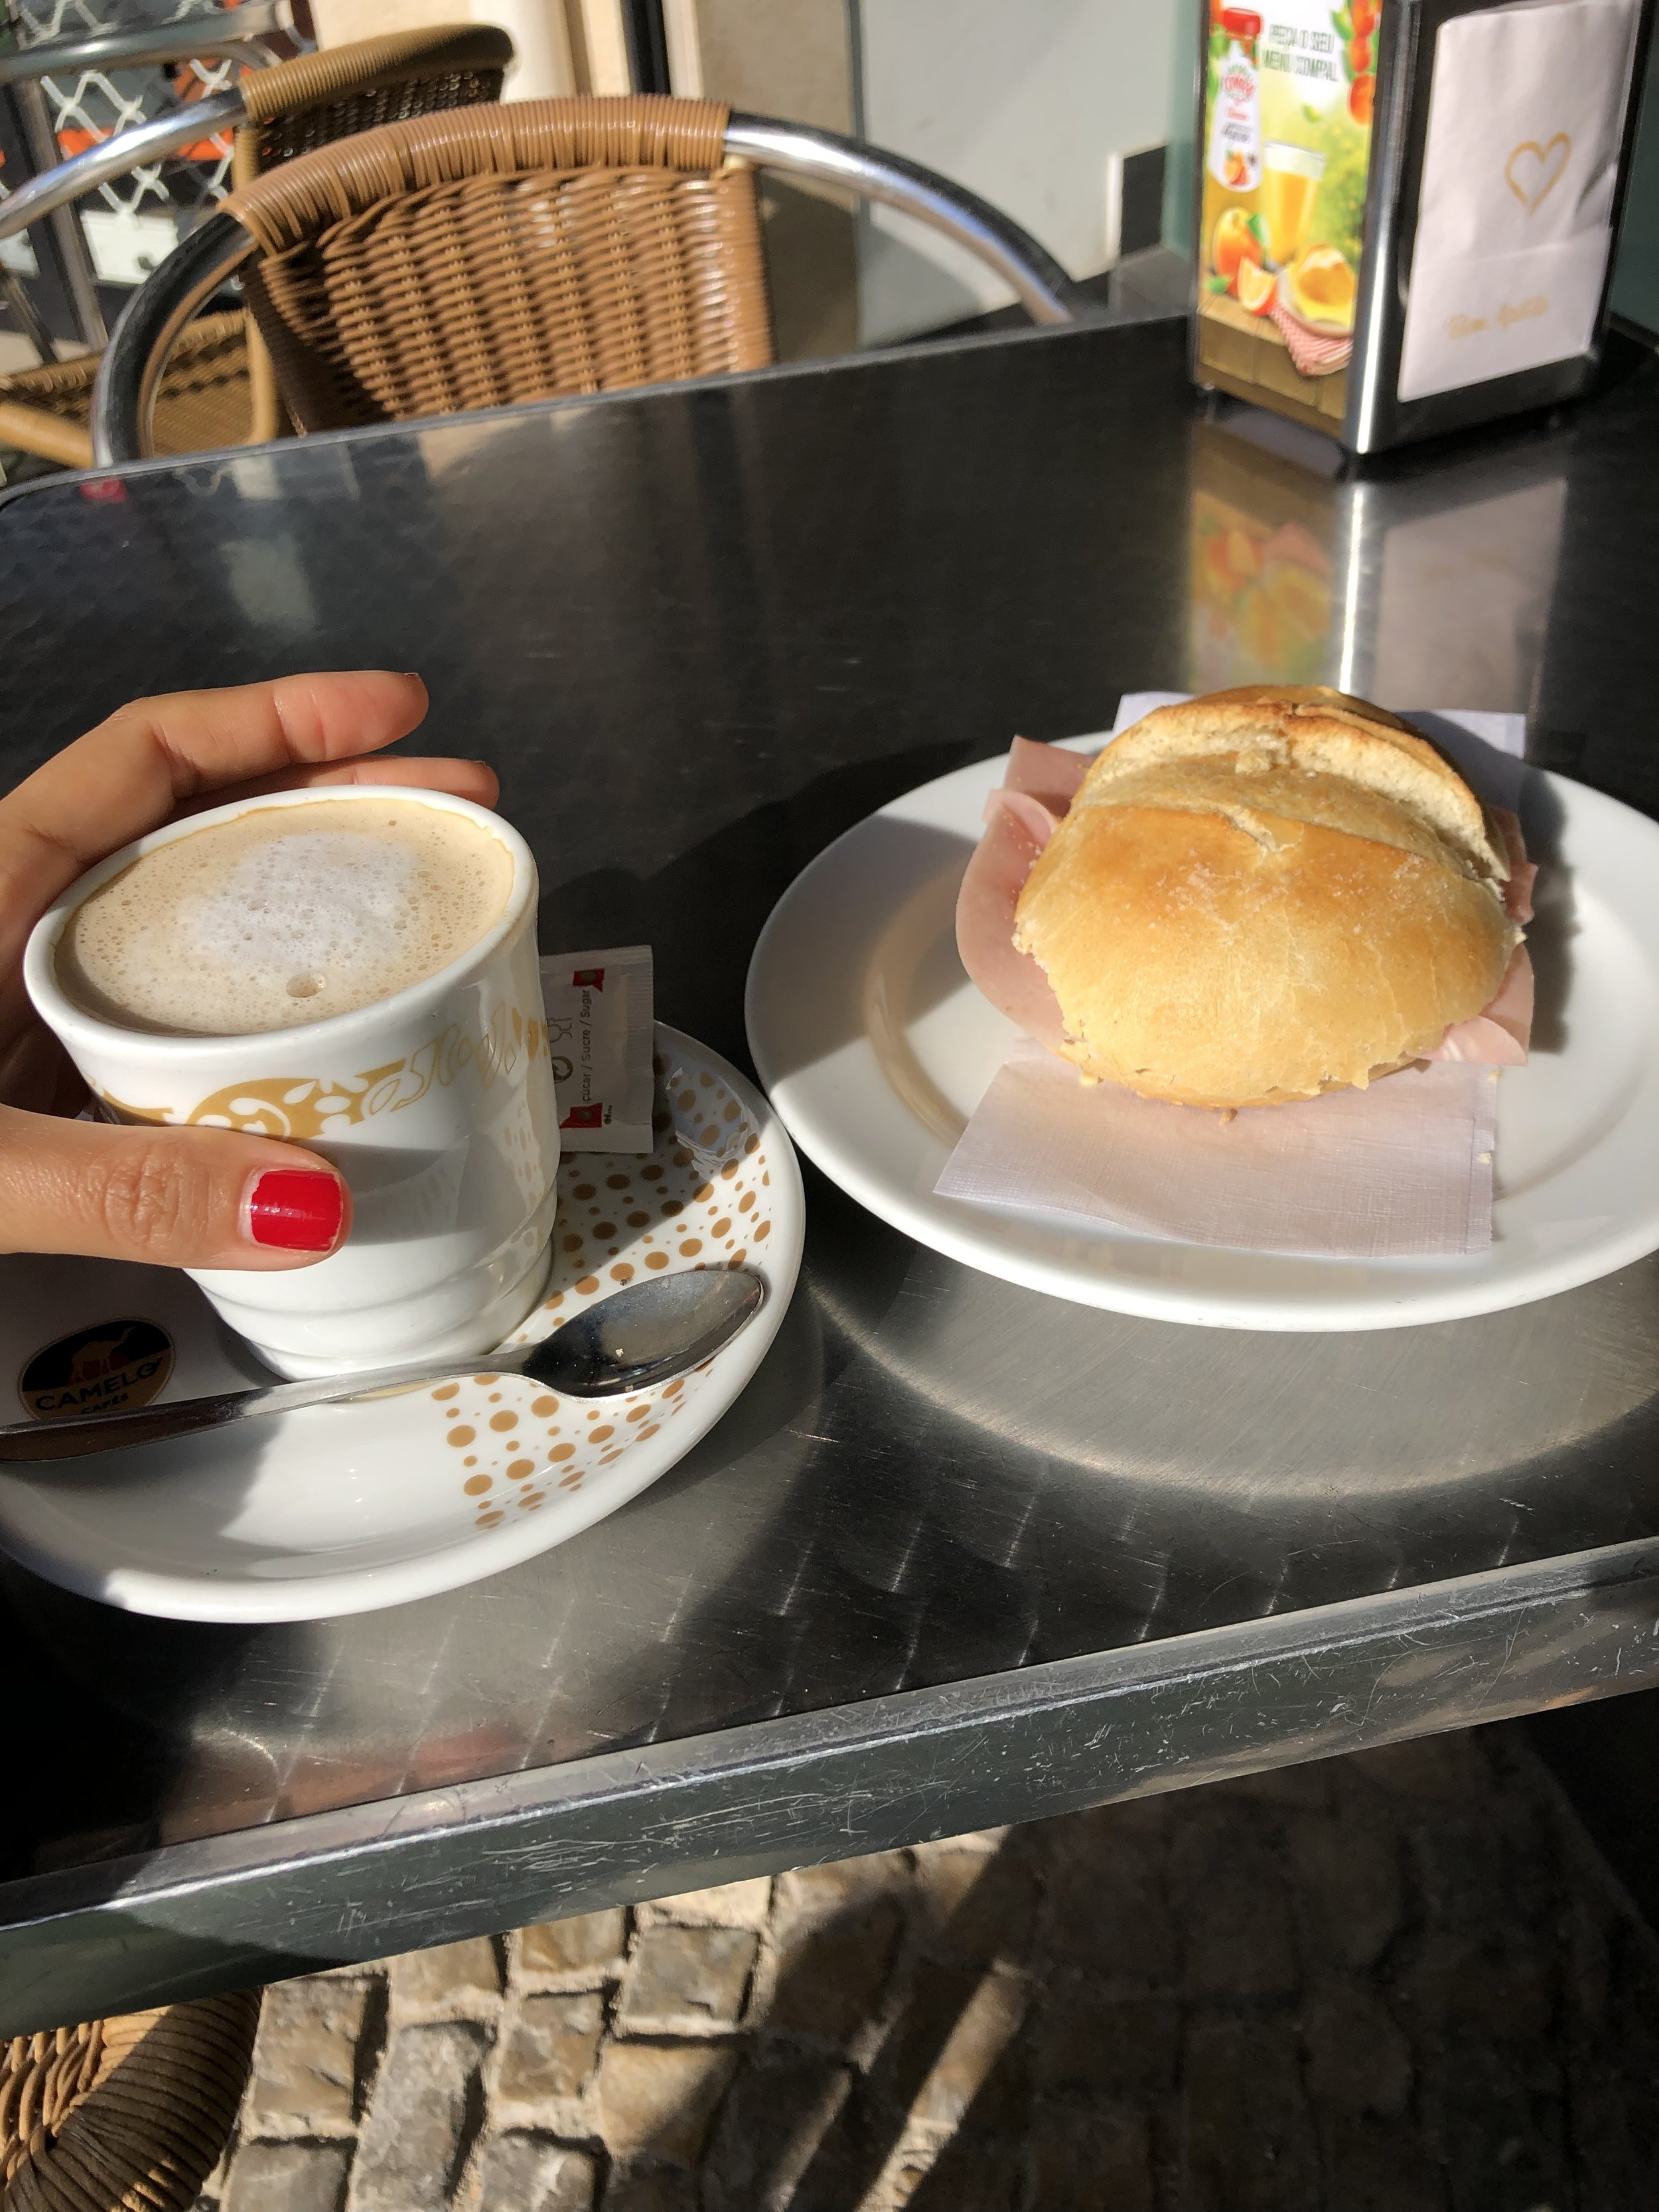 Faroでの日曜日。 これで1.60€ パンにはバターとハム。ハムかチーズか選べる。